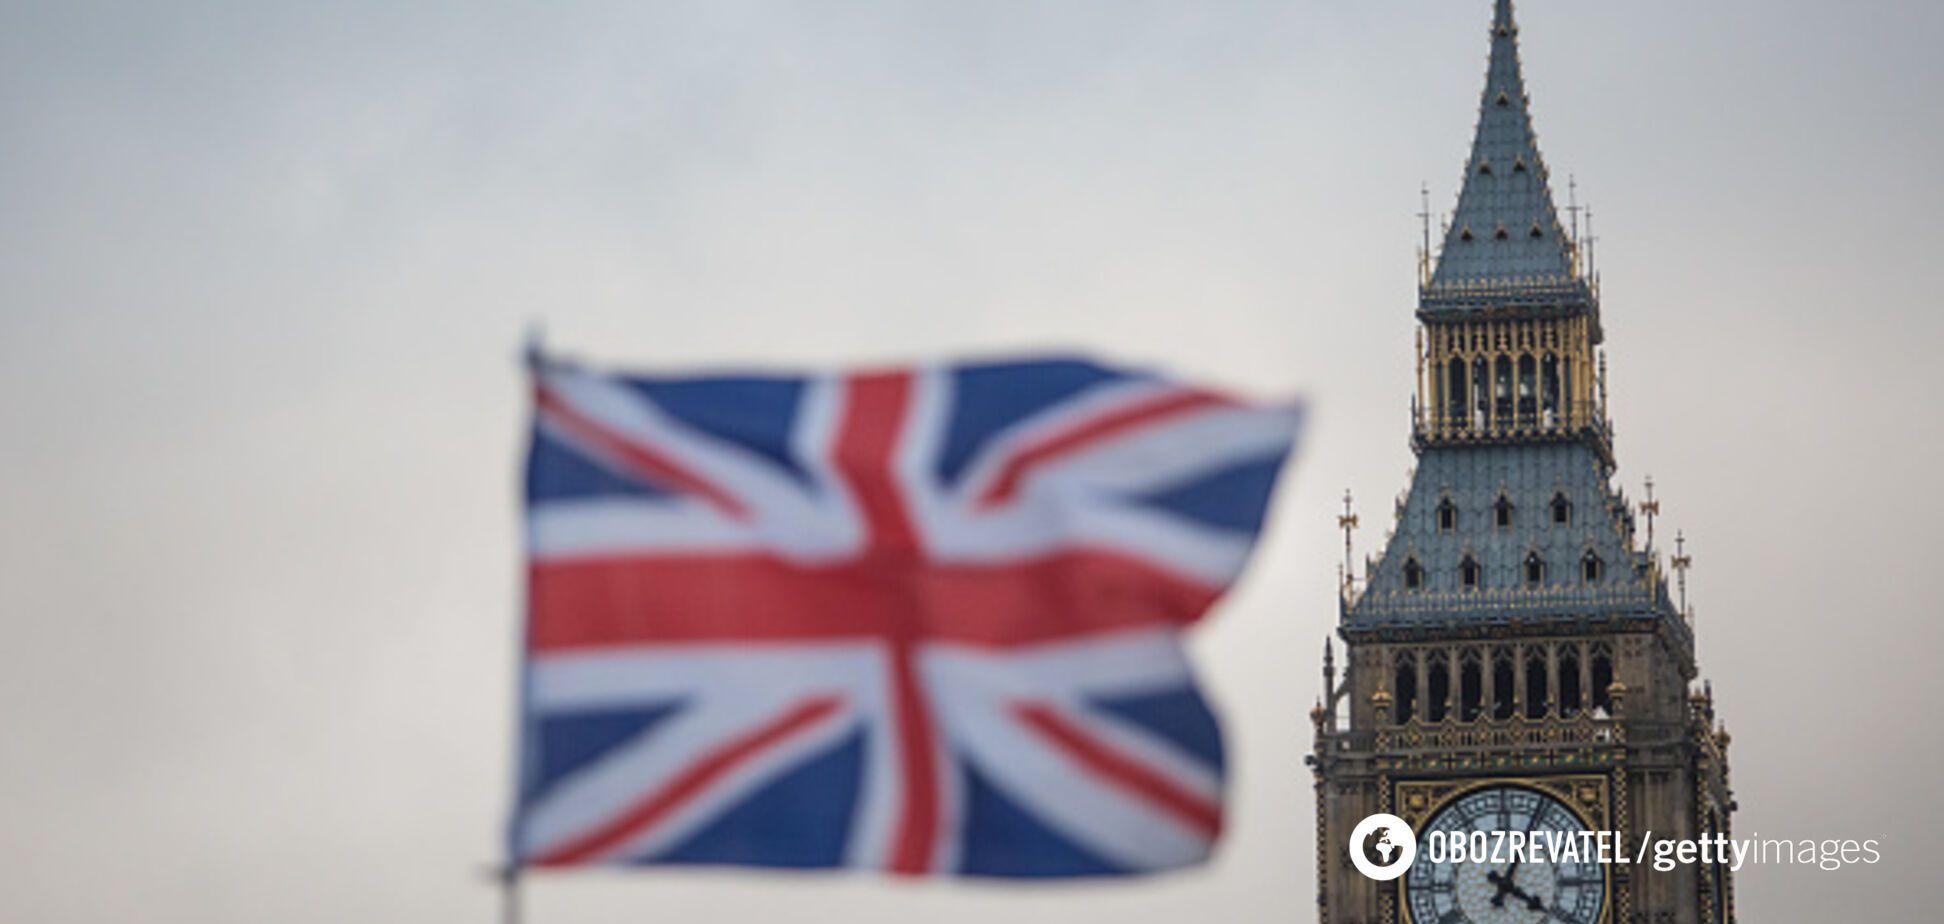 Хрест на кар'єрі Терези Мей: міжнародник оцінив епопею з Brexit